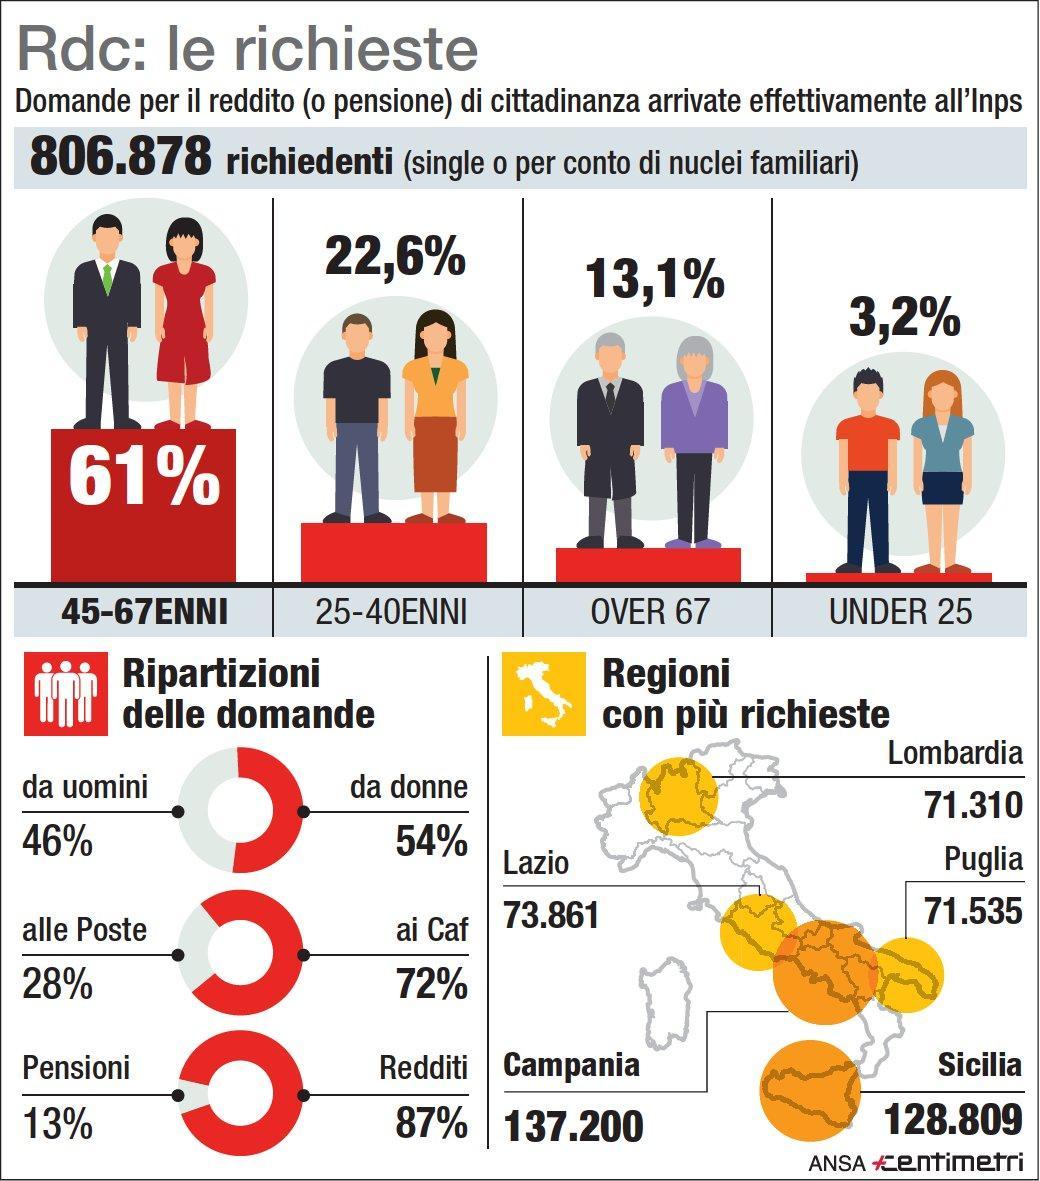 Reddito di cittadinanza, i numeri fino a marzo 2019